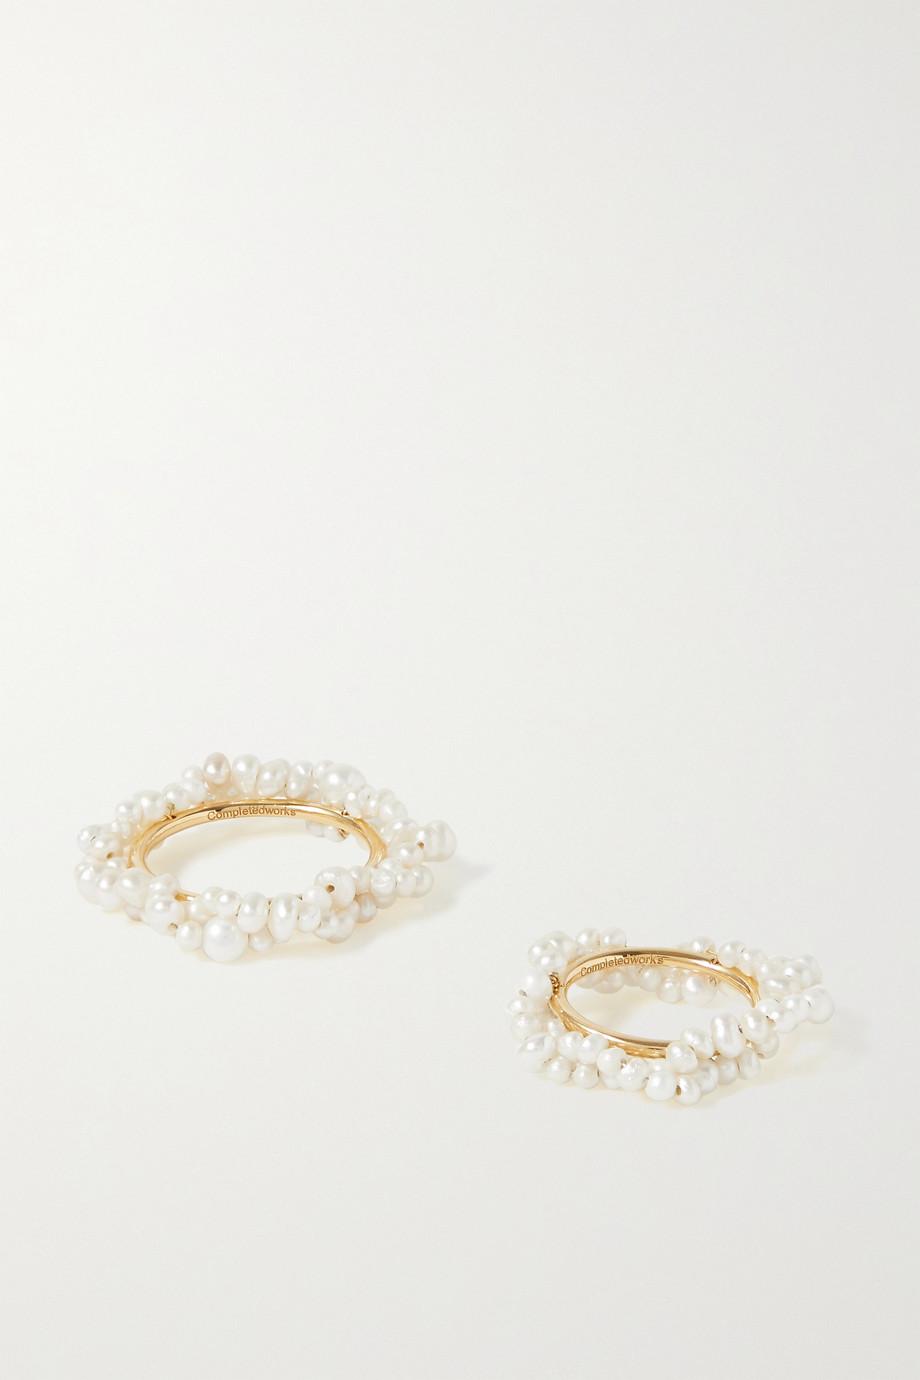 Completedworks Lot de deux bagues en vermeil et perles